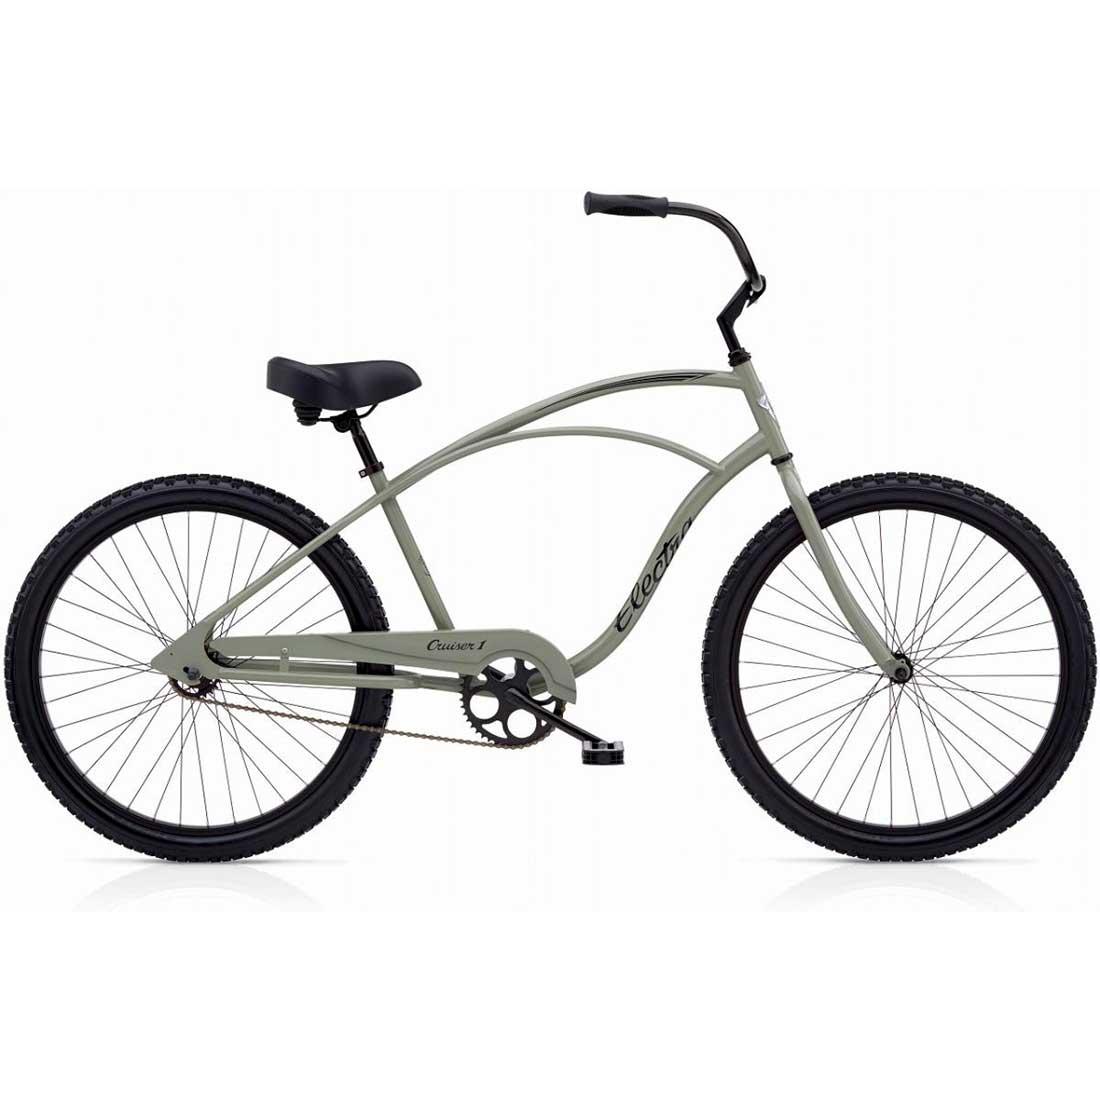 エレクトラ ビーチクルーザー 26インチ レインボー おしゃれ 自転車 通勤 通学 メンズ レディース CRUISER-1 パティ